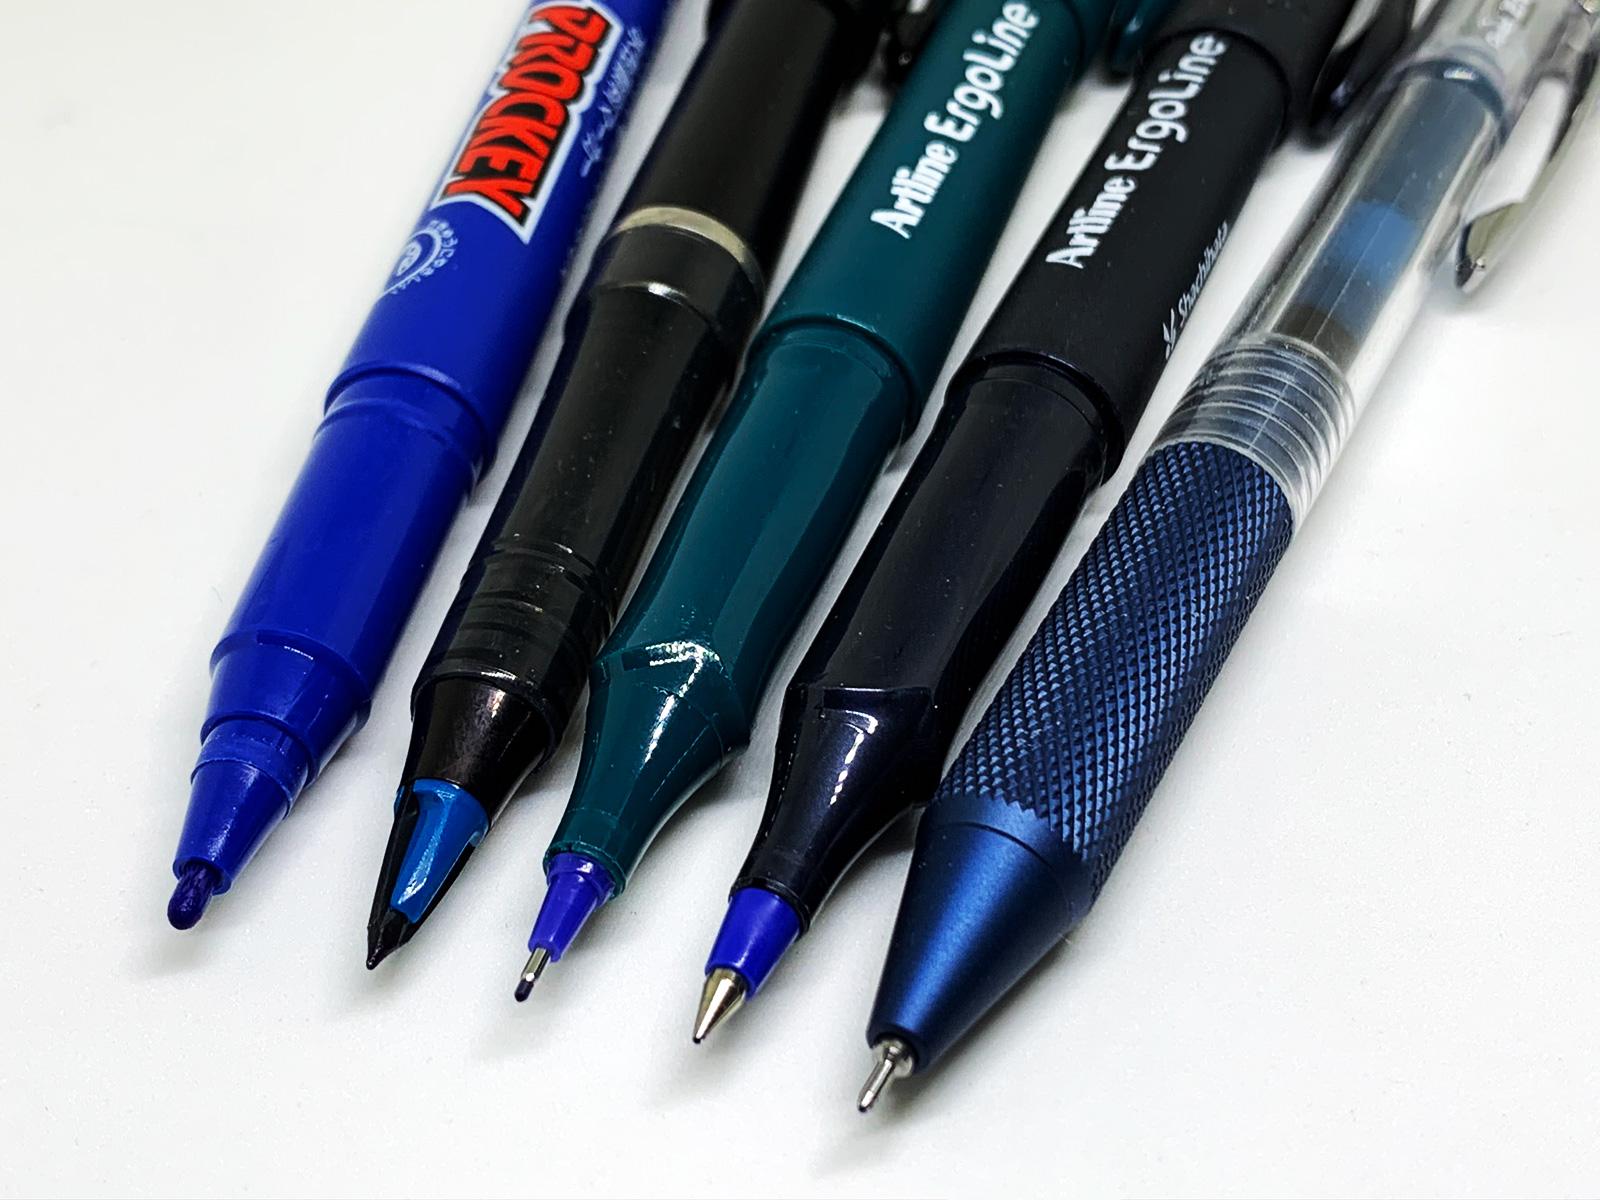 最近の普段使いの青ペン ペン先 2020年5月版